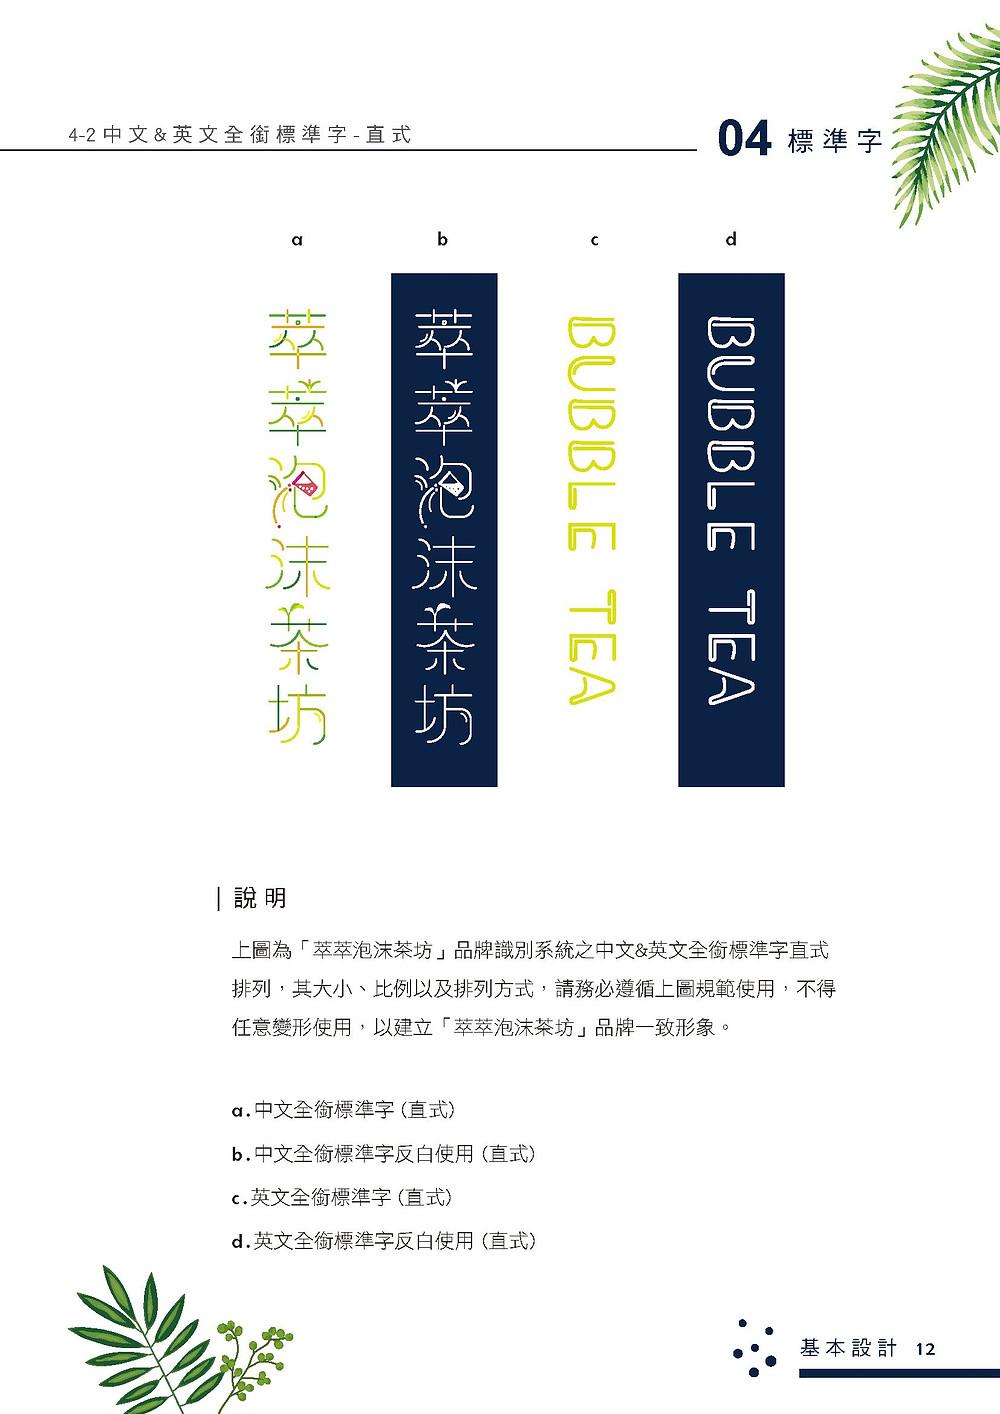 萃萃泡沫茶坊 品牌識別系統手冊 標準字 直式